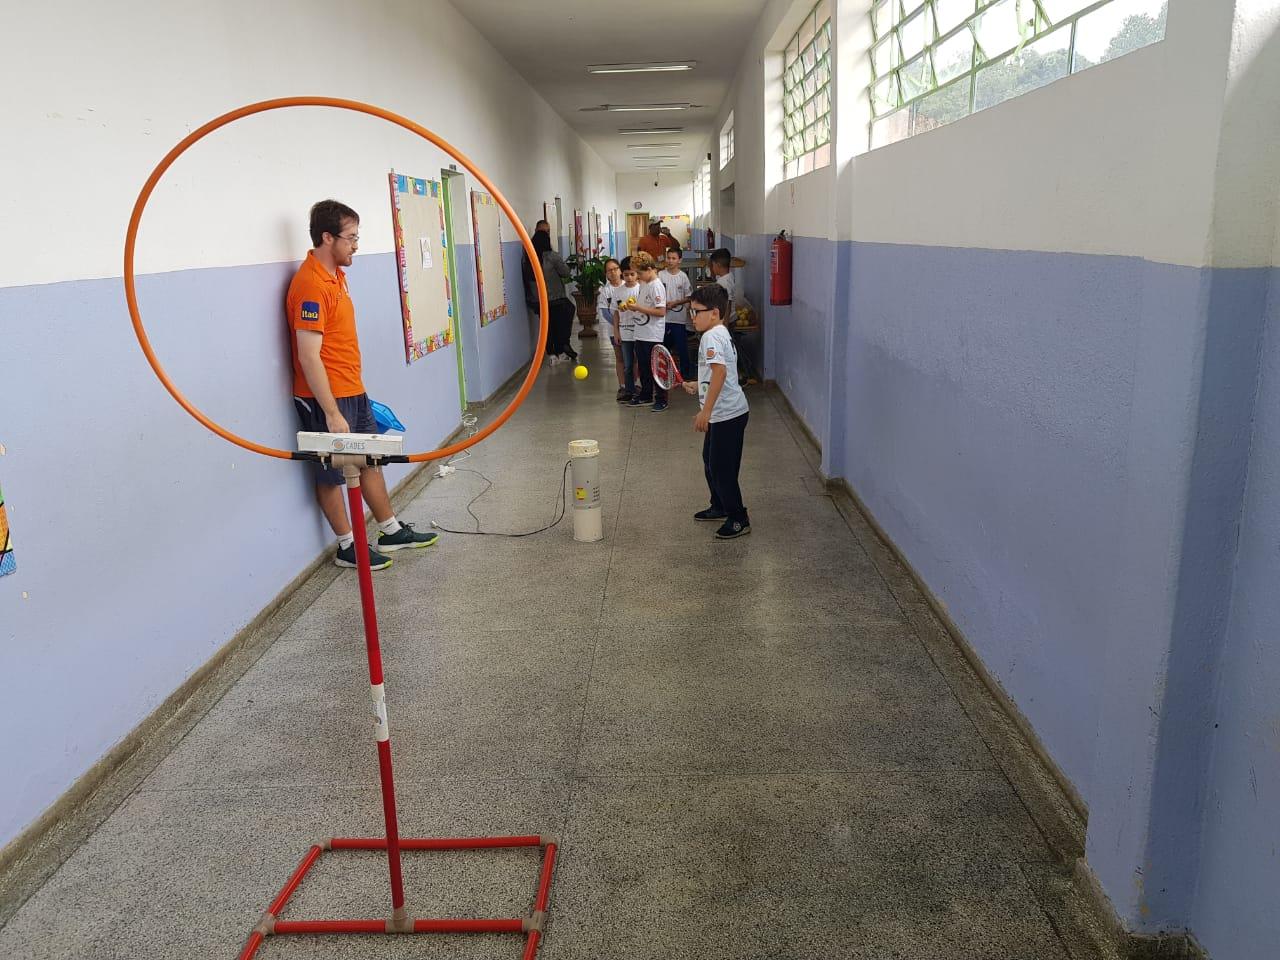 Tênis adaptado na escola - Apiaí/SP